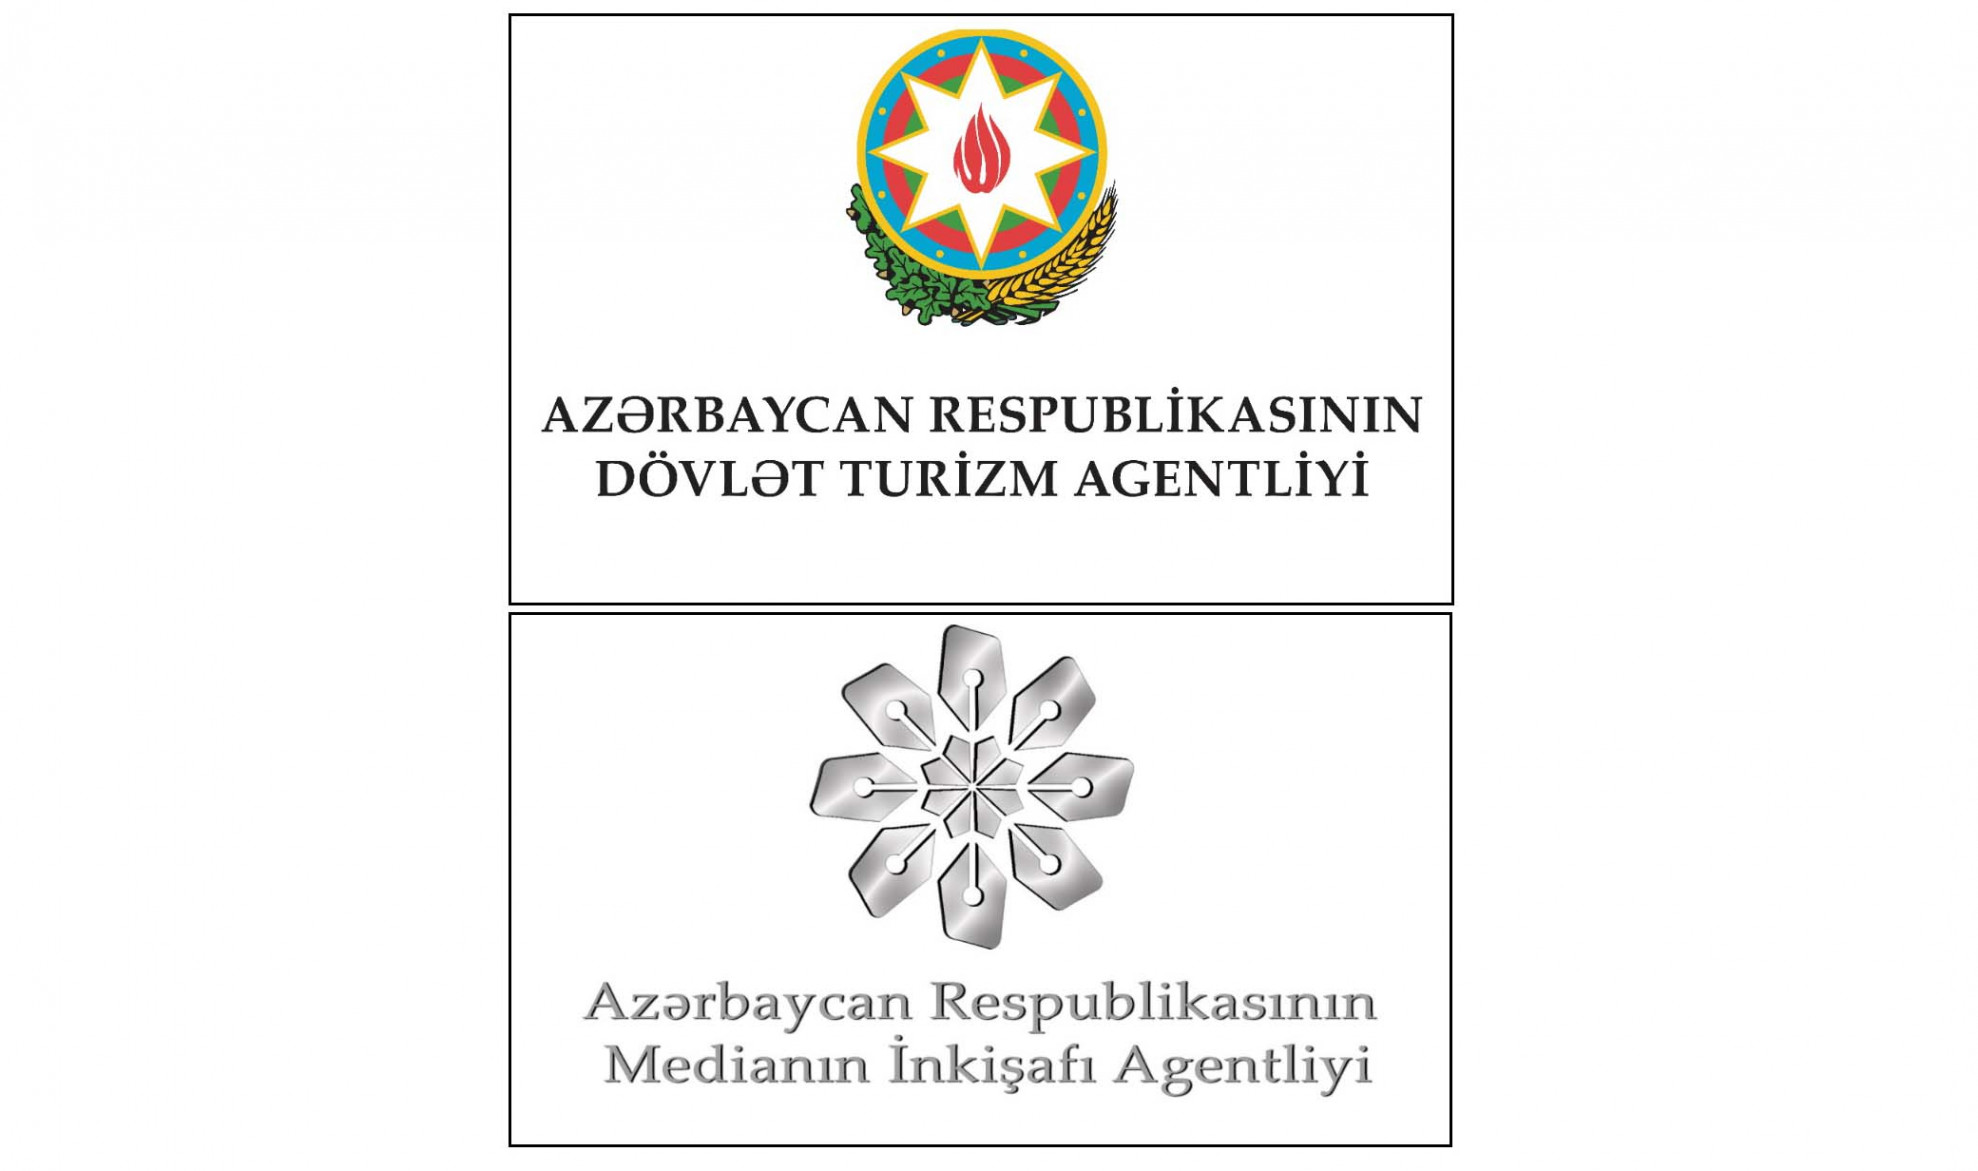 >Dövlət Turizm Agentliyi və Medianın İnkişafı Agentliyi KİV nümayəndələri və peşəkar fotoqraflar arasında müsabiqə elan edir